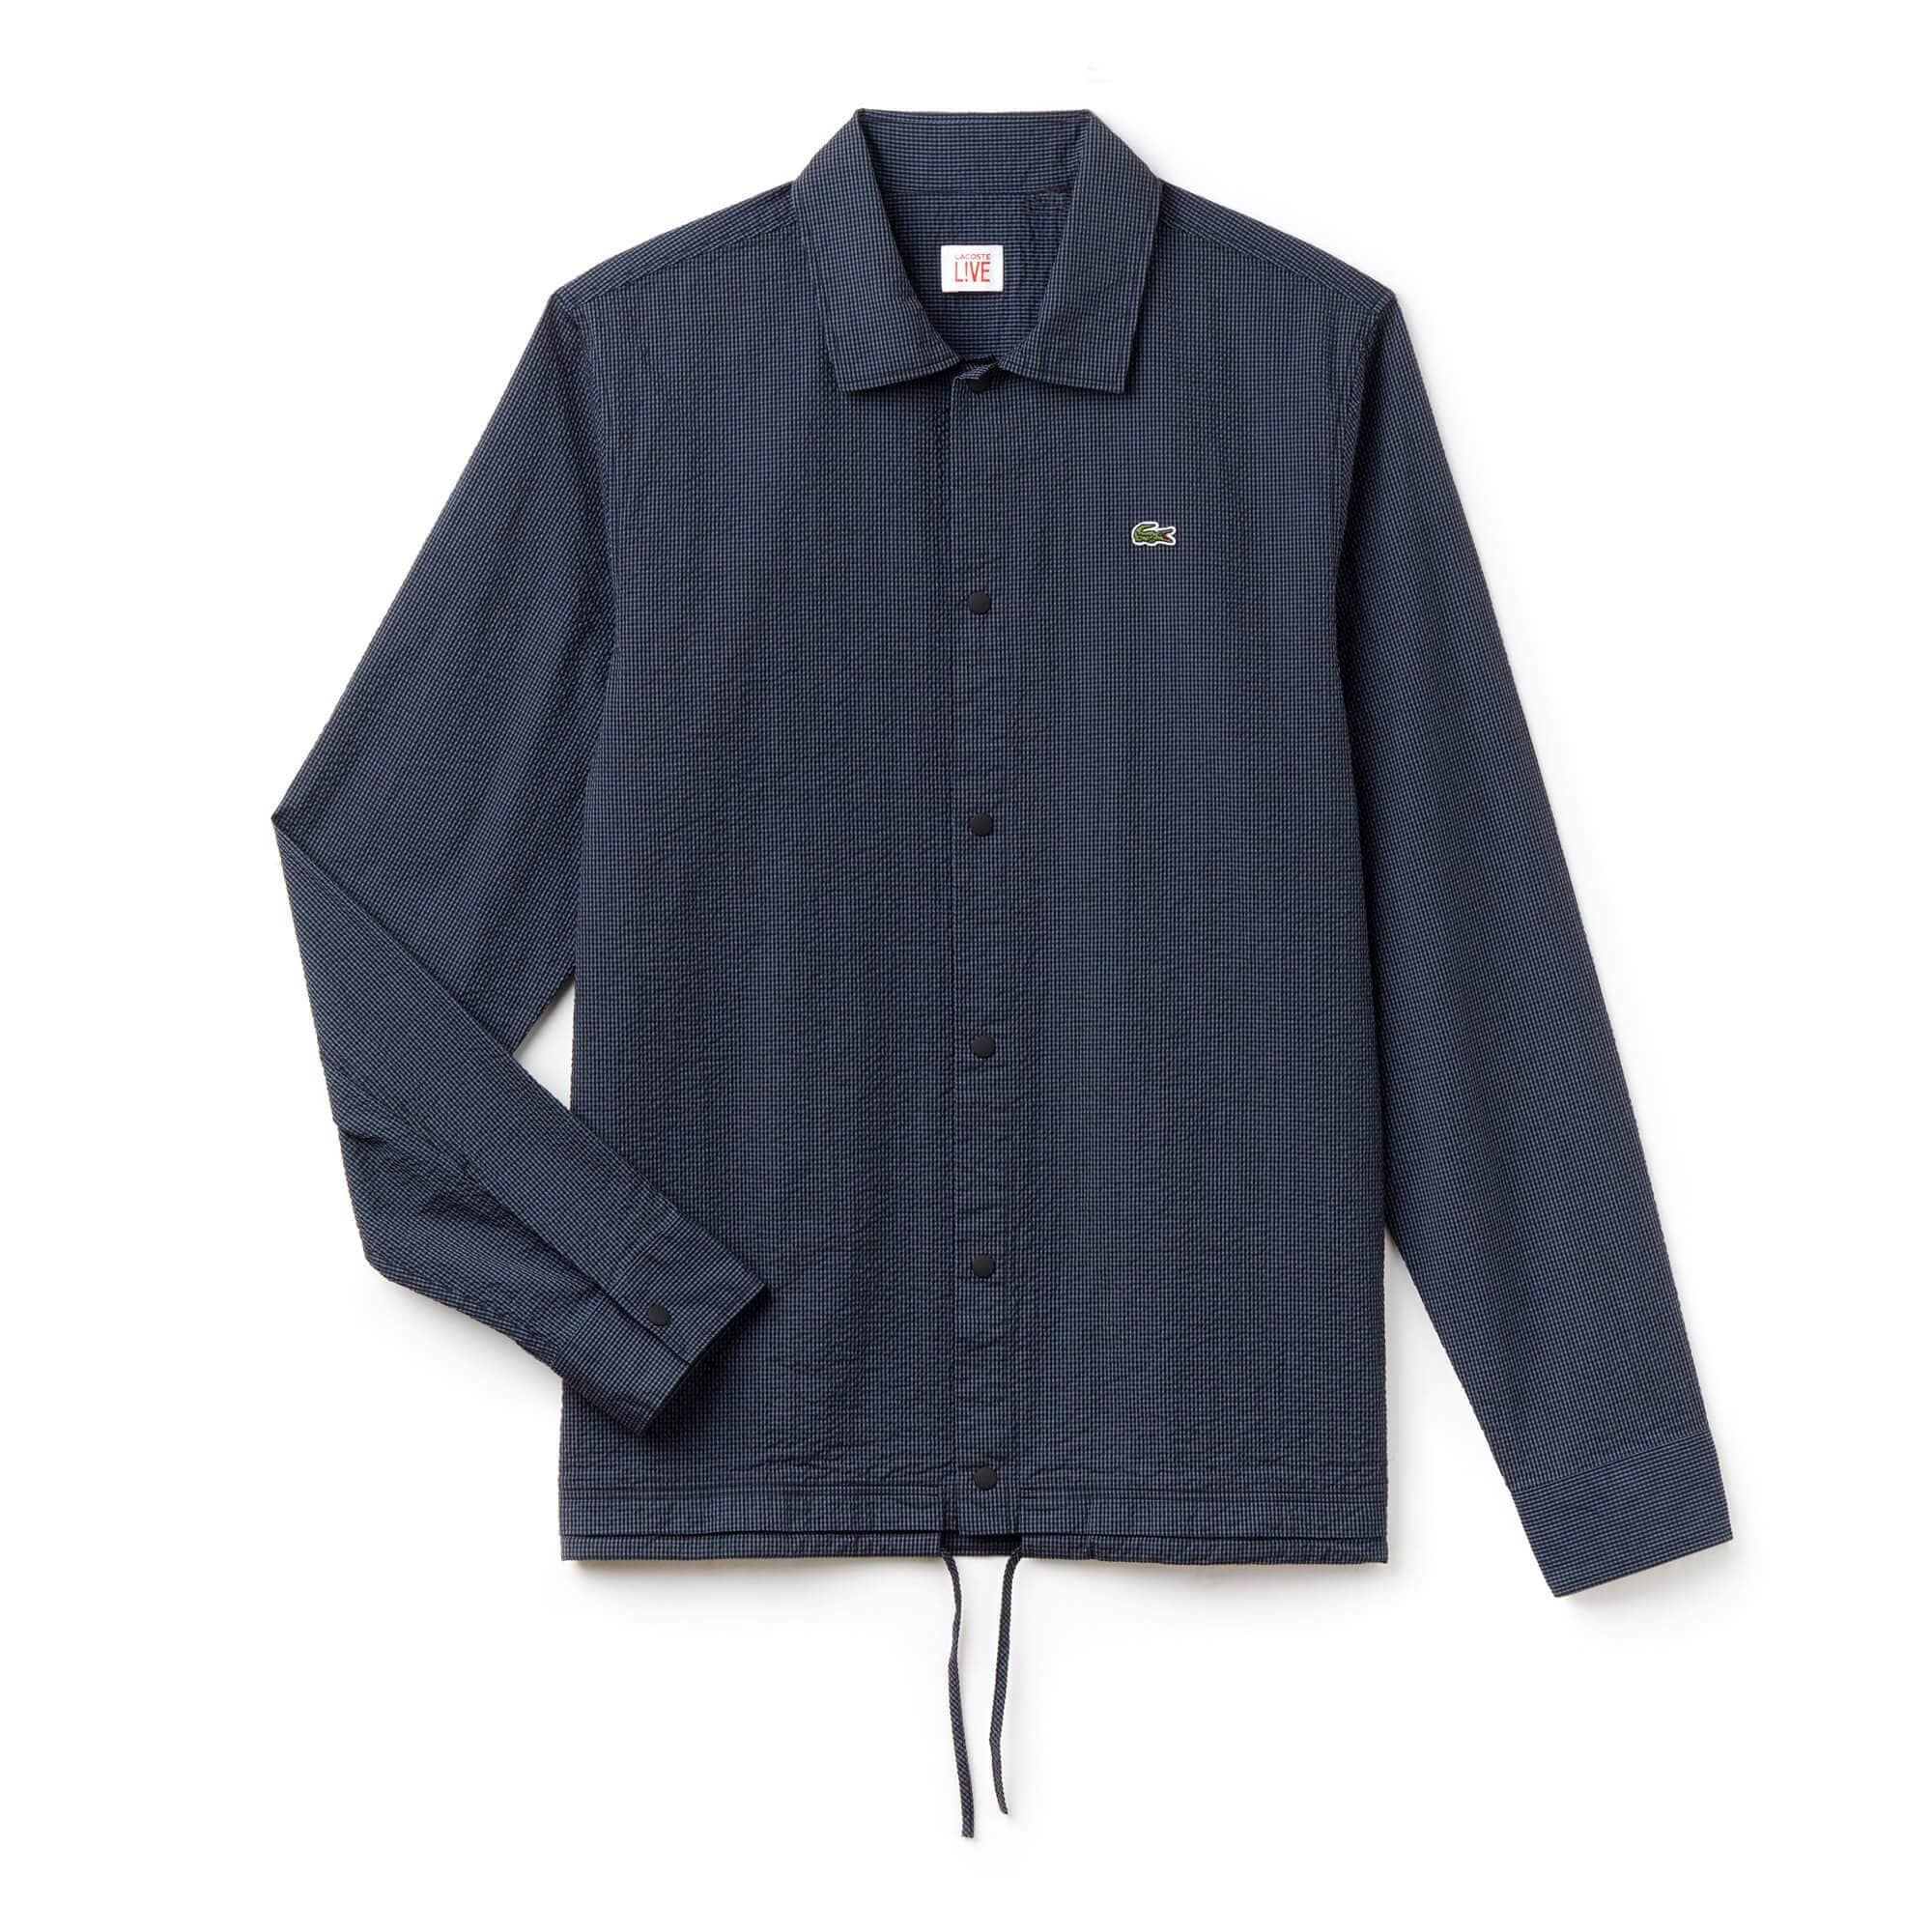 Lacoste LIVE-shirt heren Skinny fit gingham seersucker